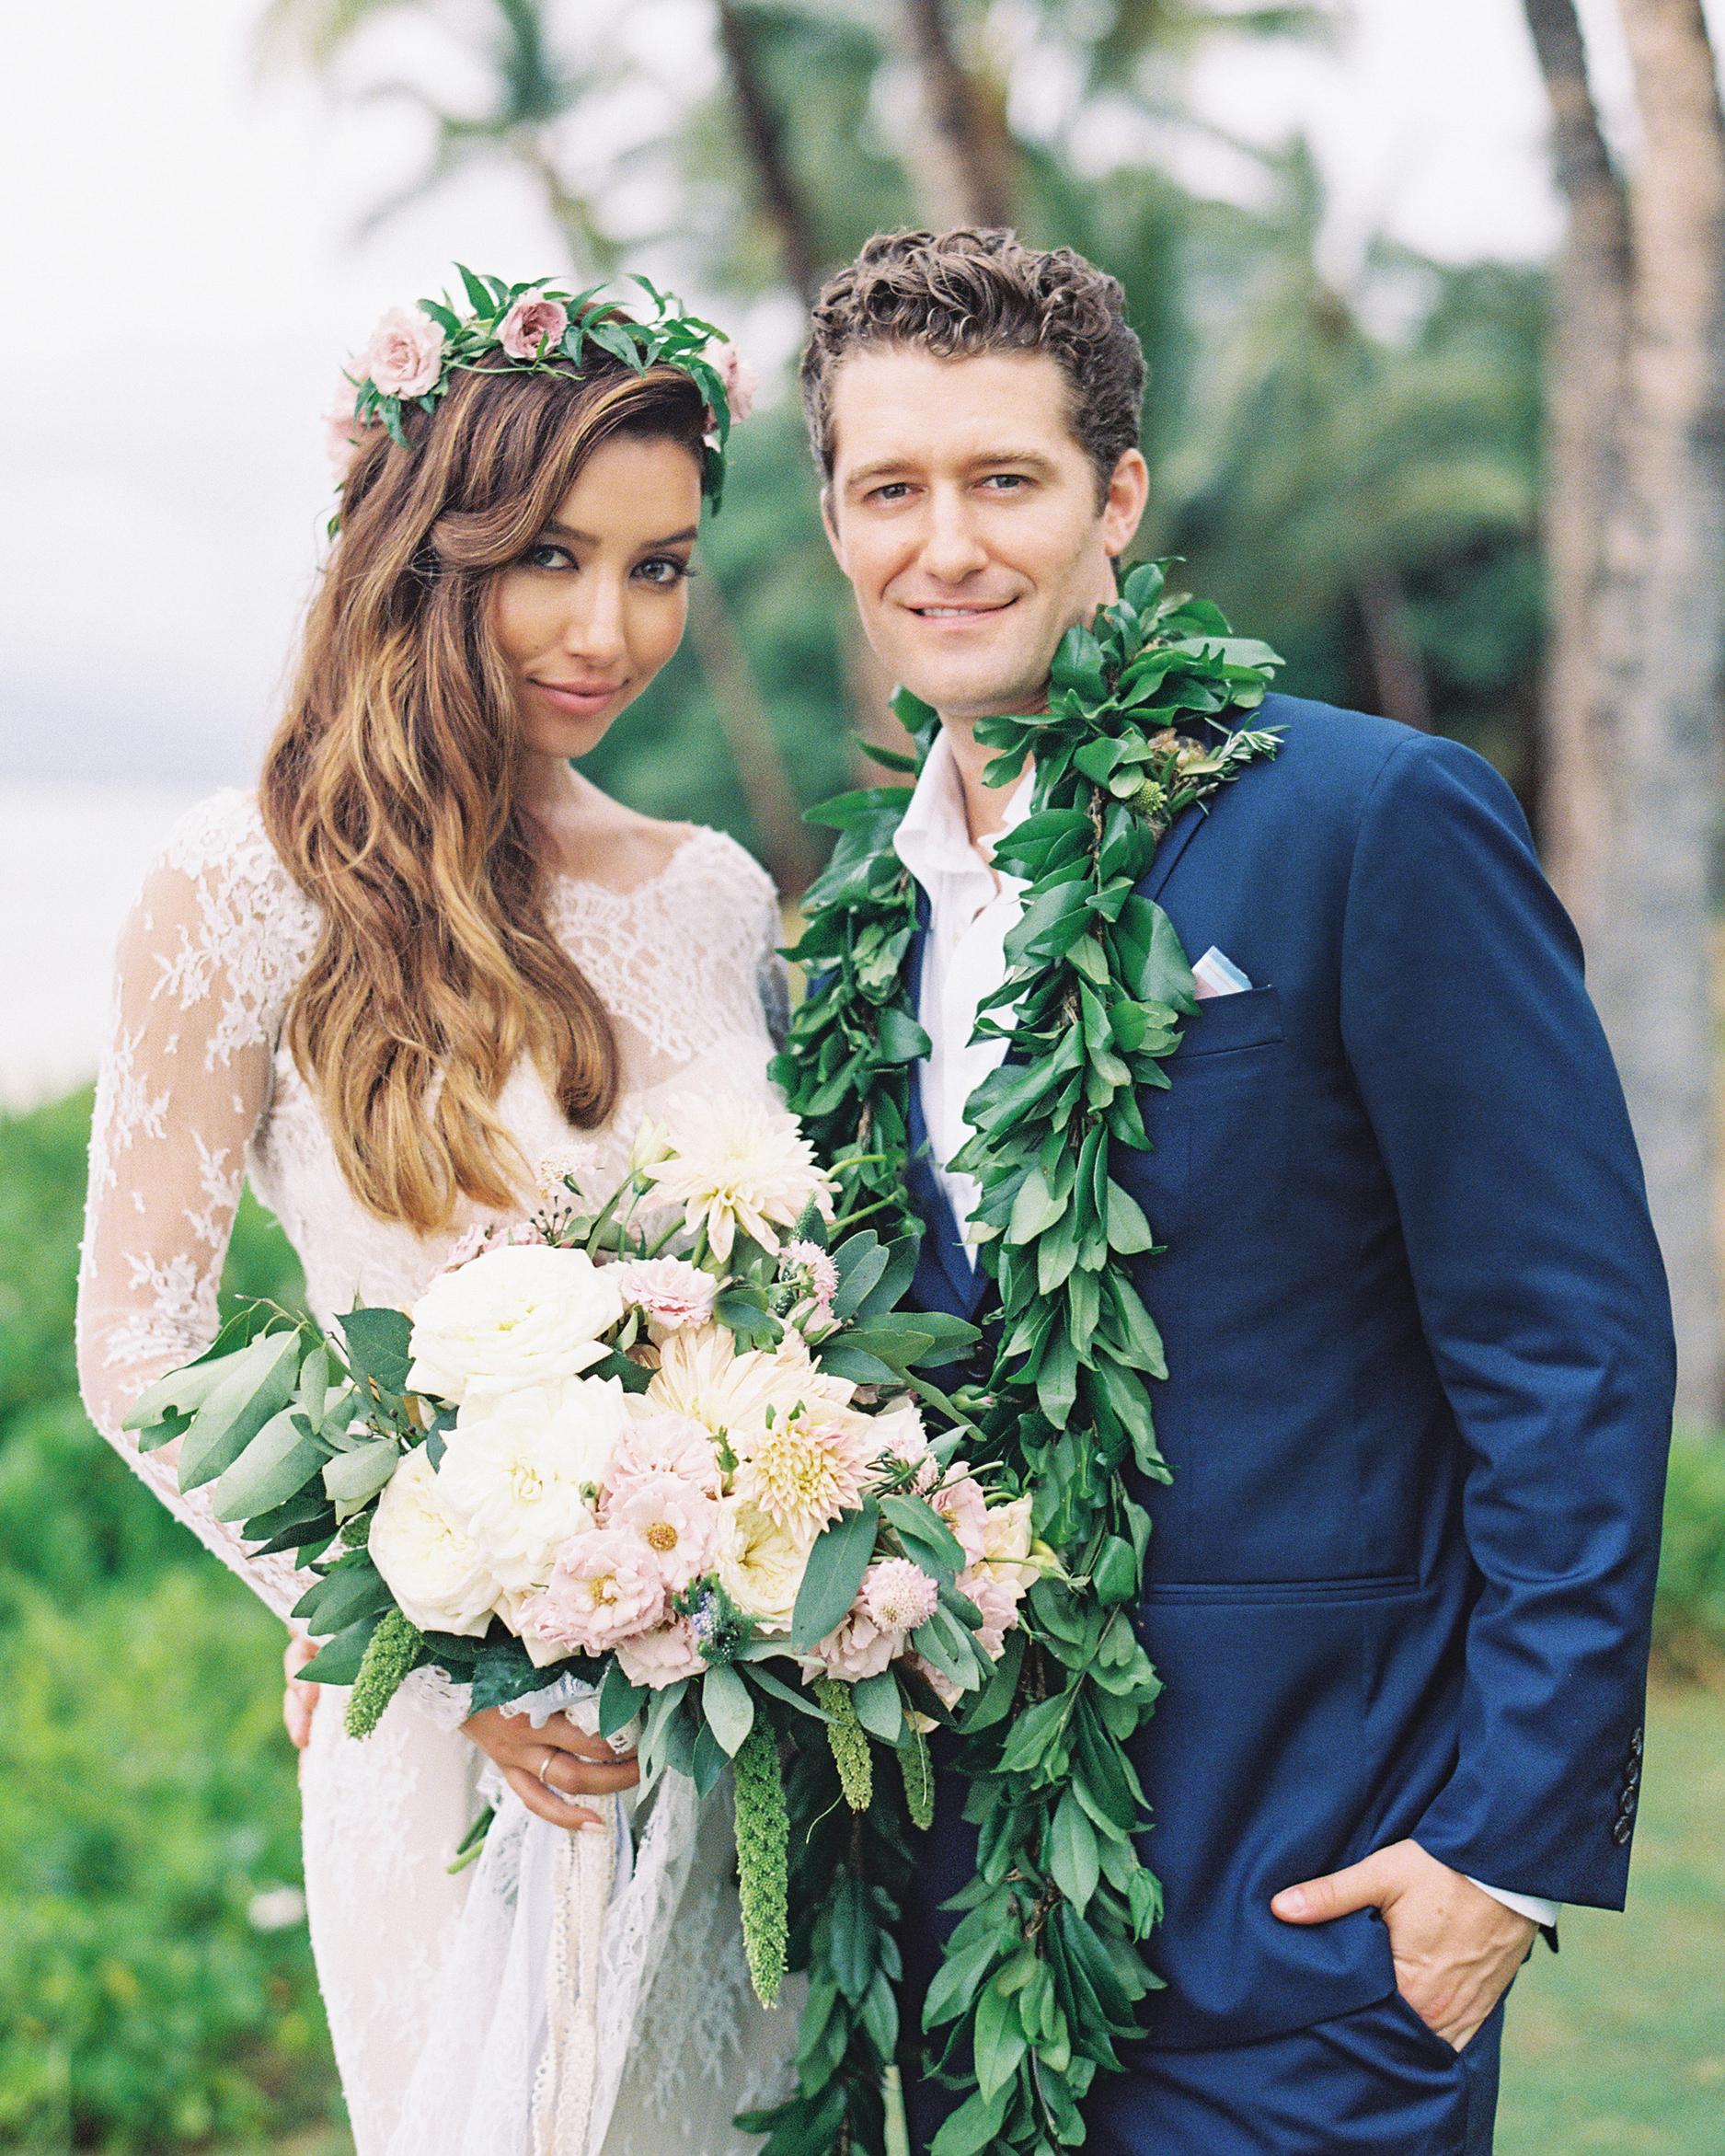 renee-matthew-wedding-maui-hawaii-008-s111851.jpg